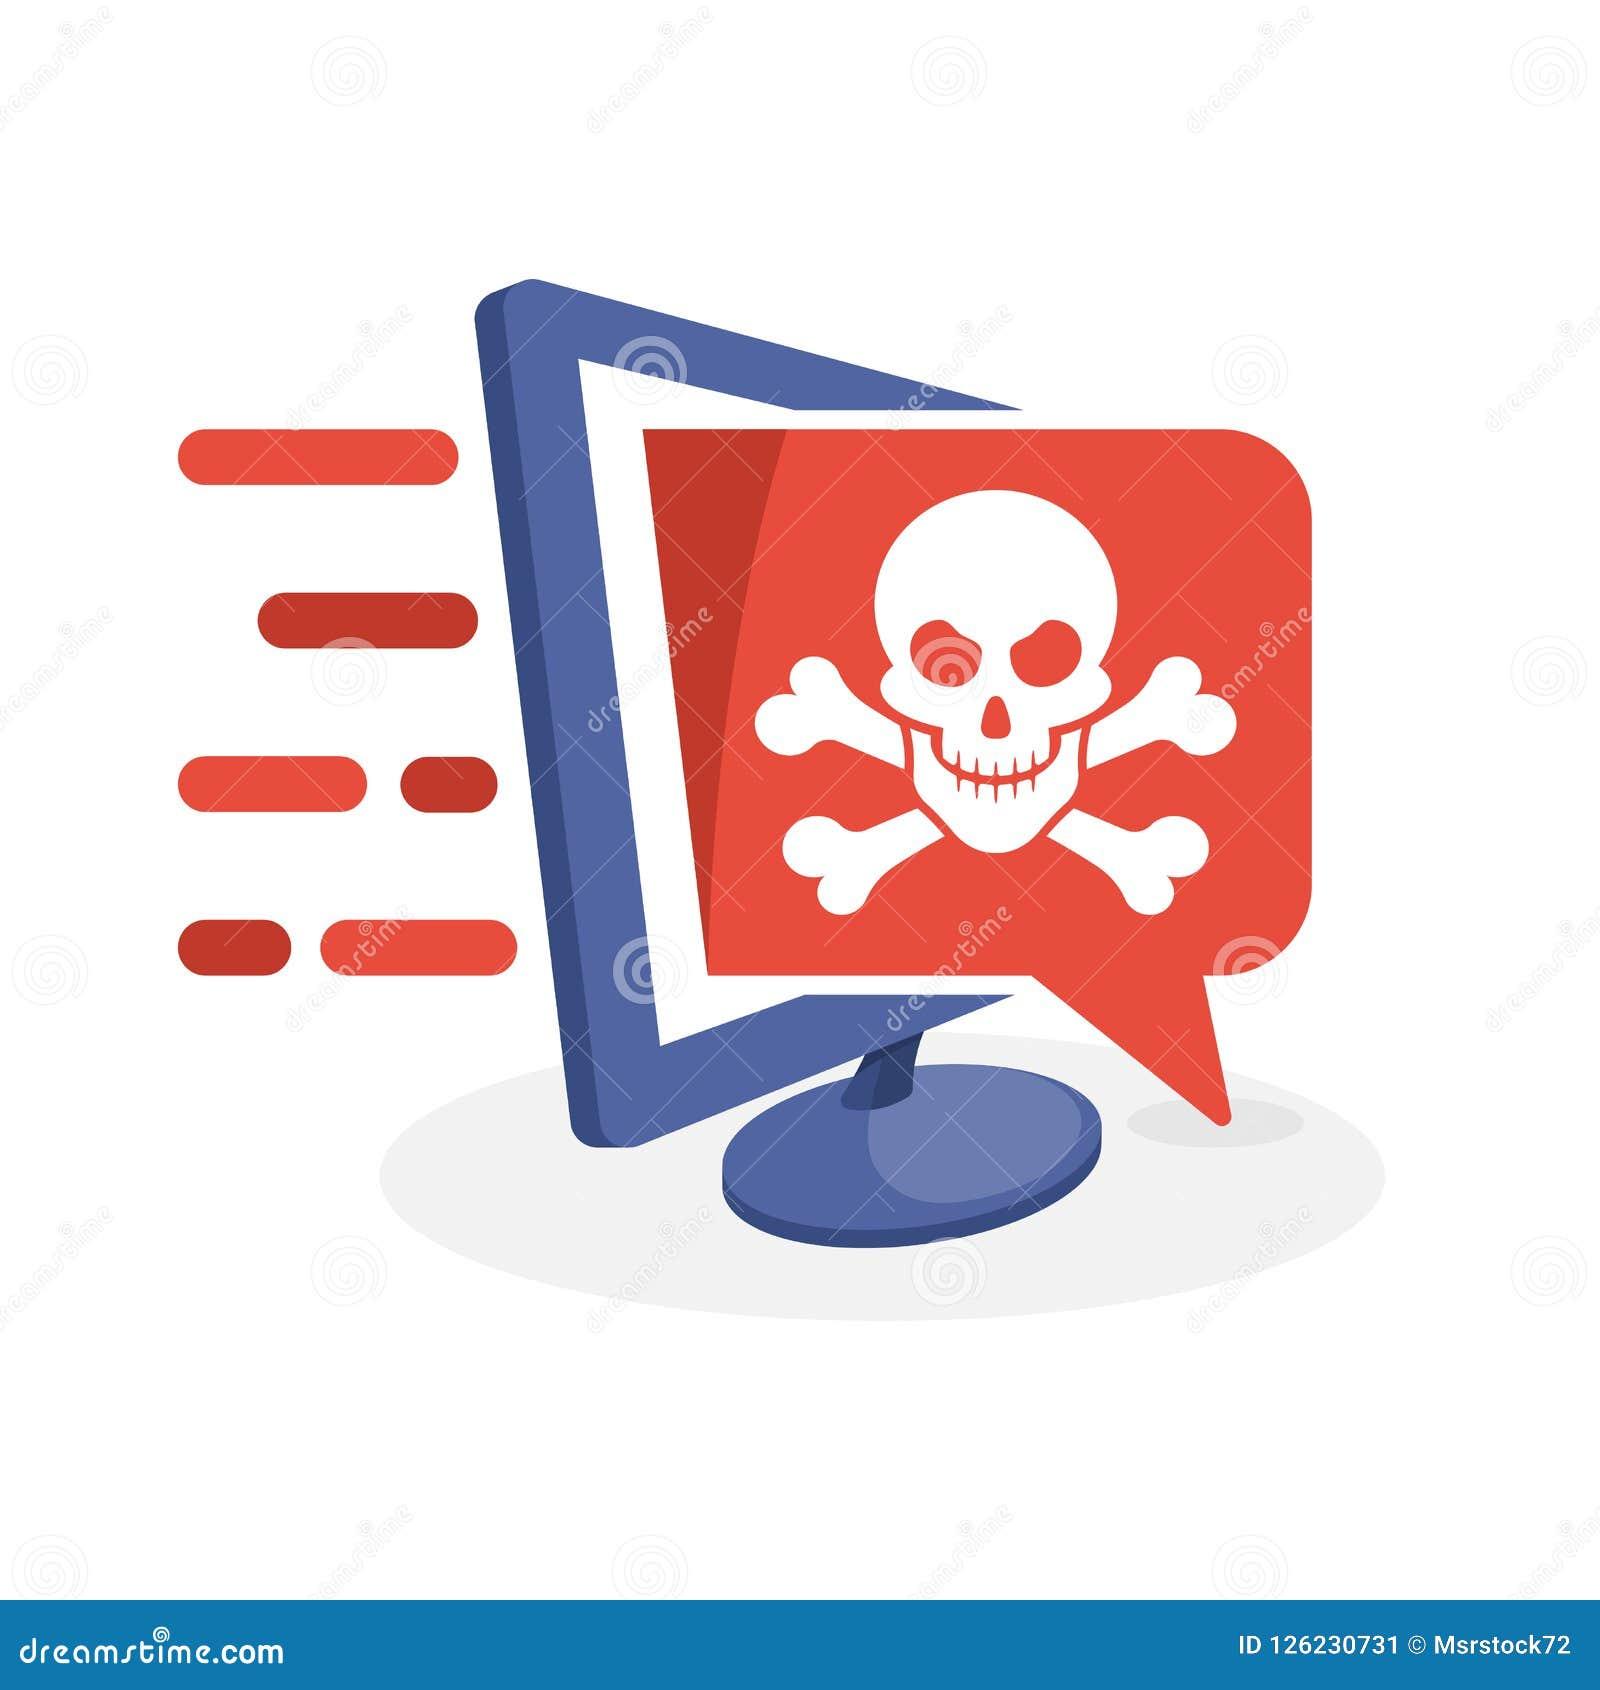 Vector el icono con medios concepto digital sobre la información contenta peligrosa, ordenador del ejemplo cortado por los pirata